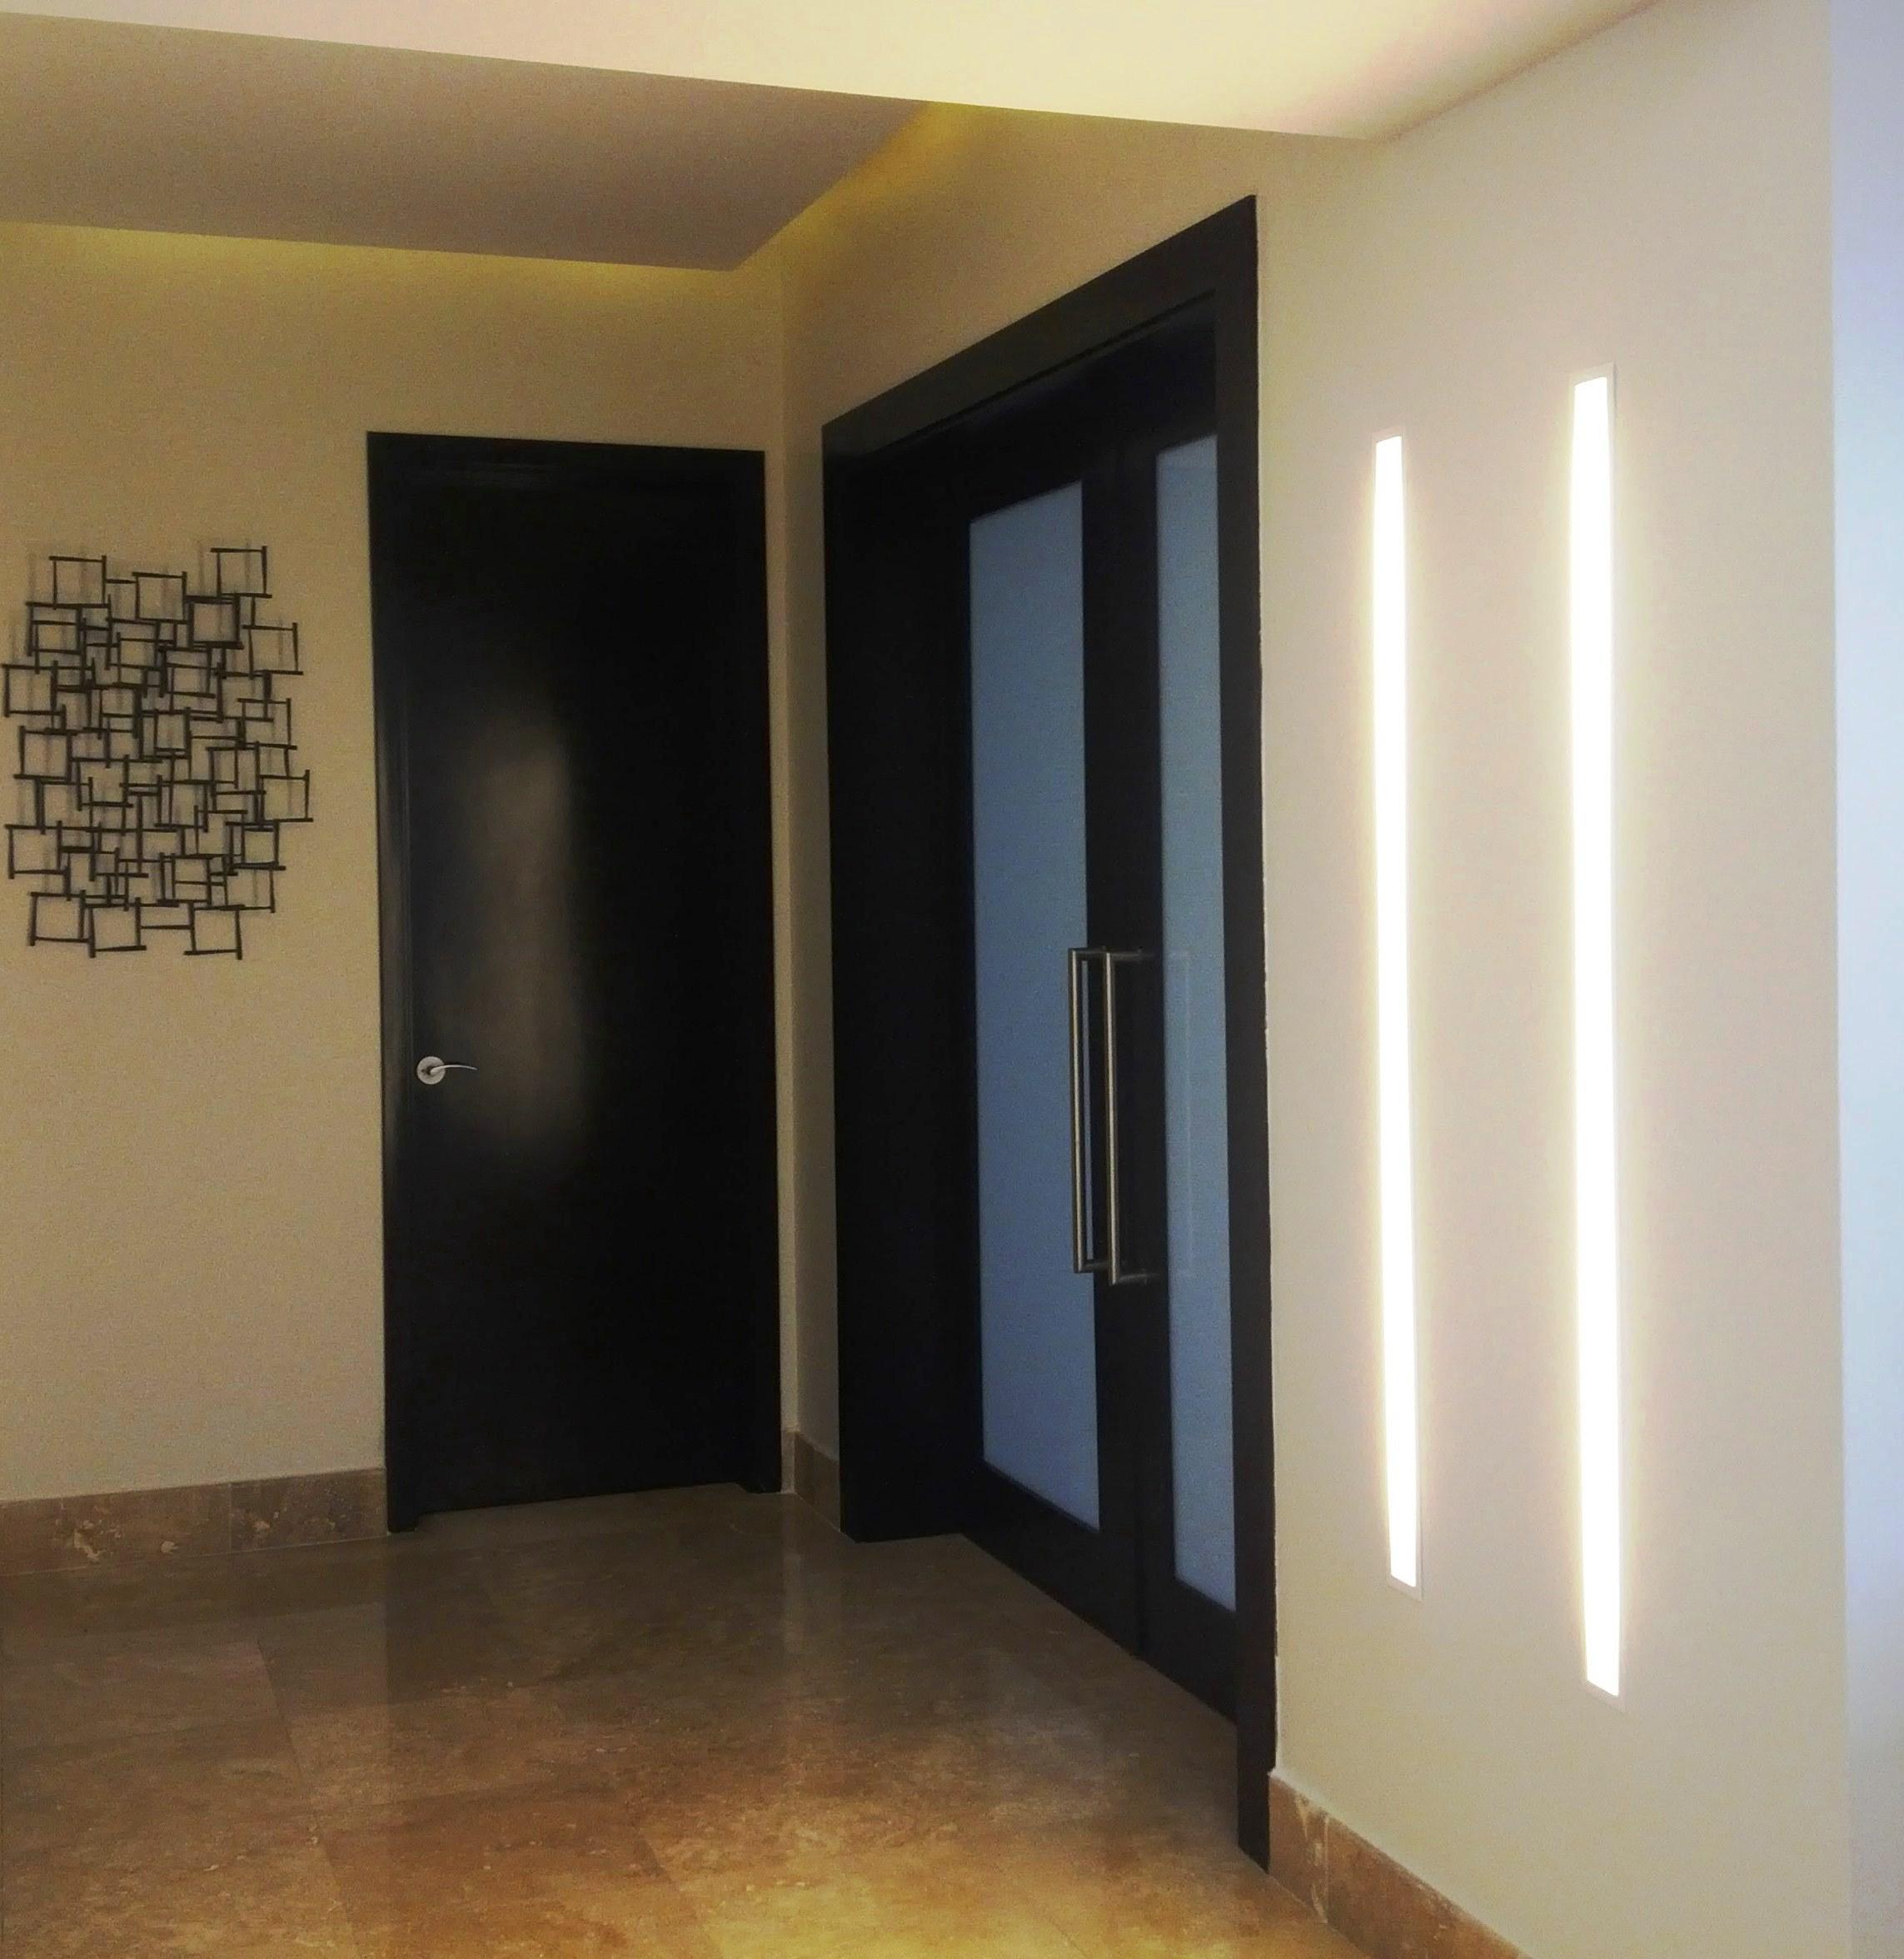 Imagem 4 _Galeria I_Entrada Home Theater e Living